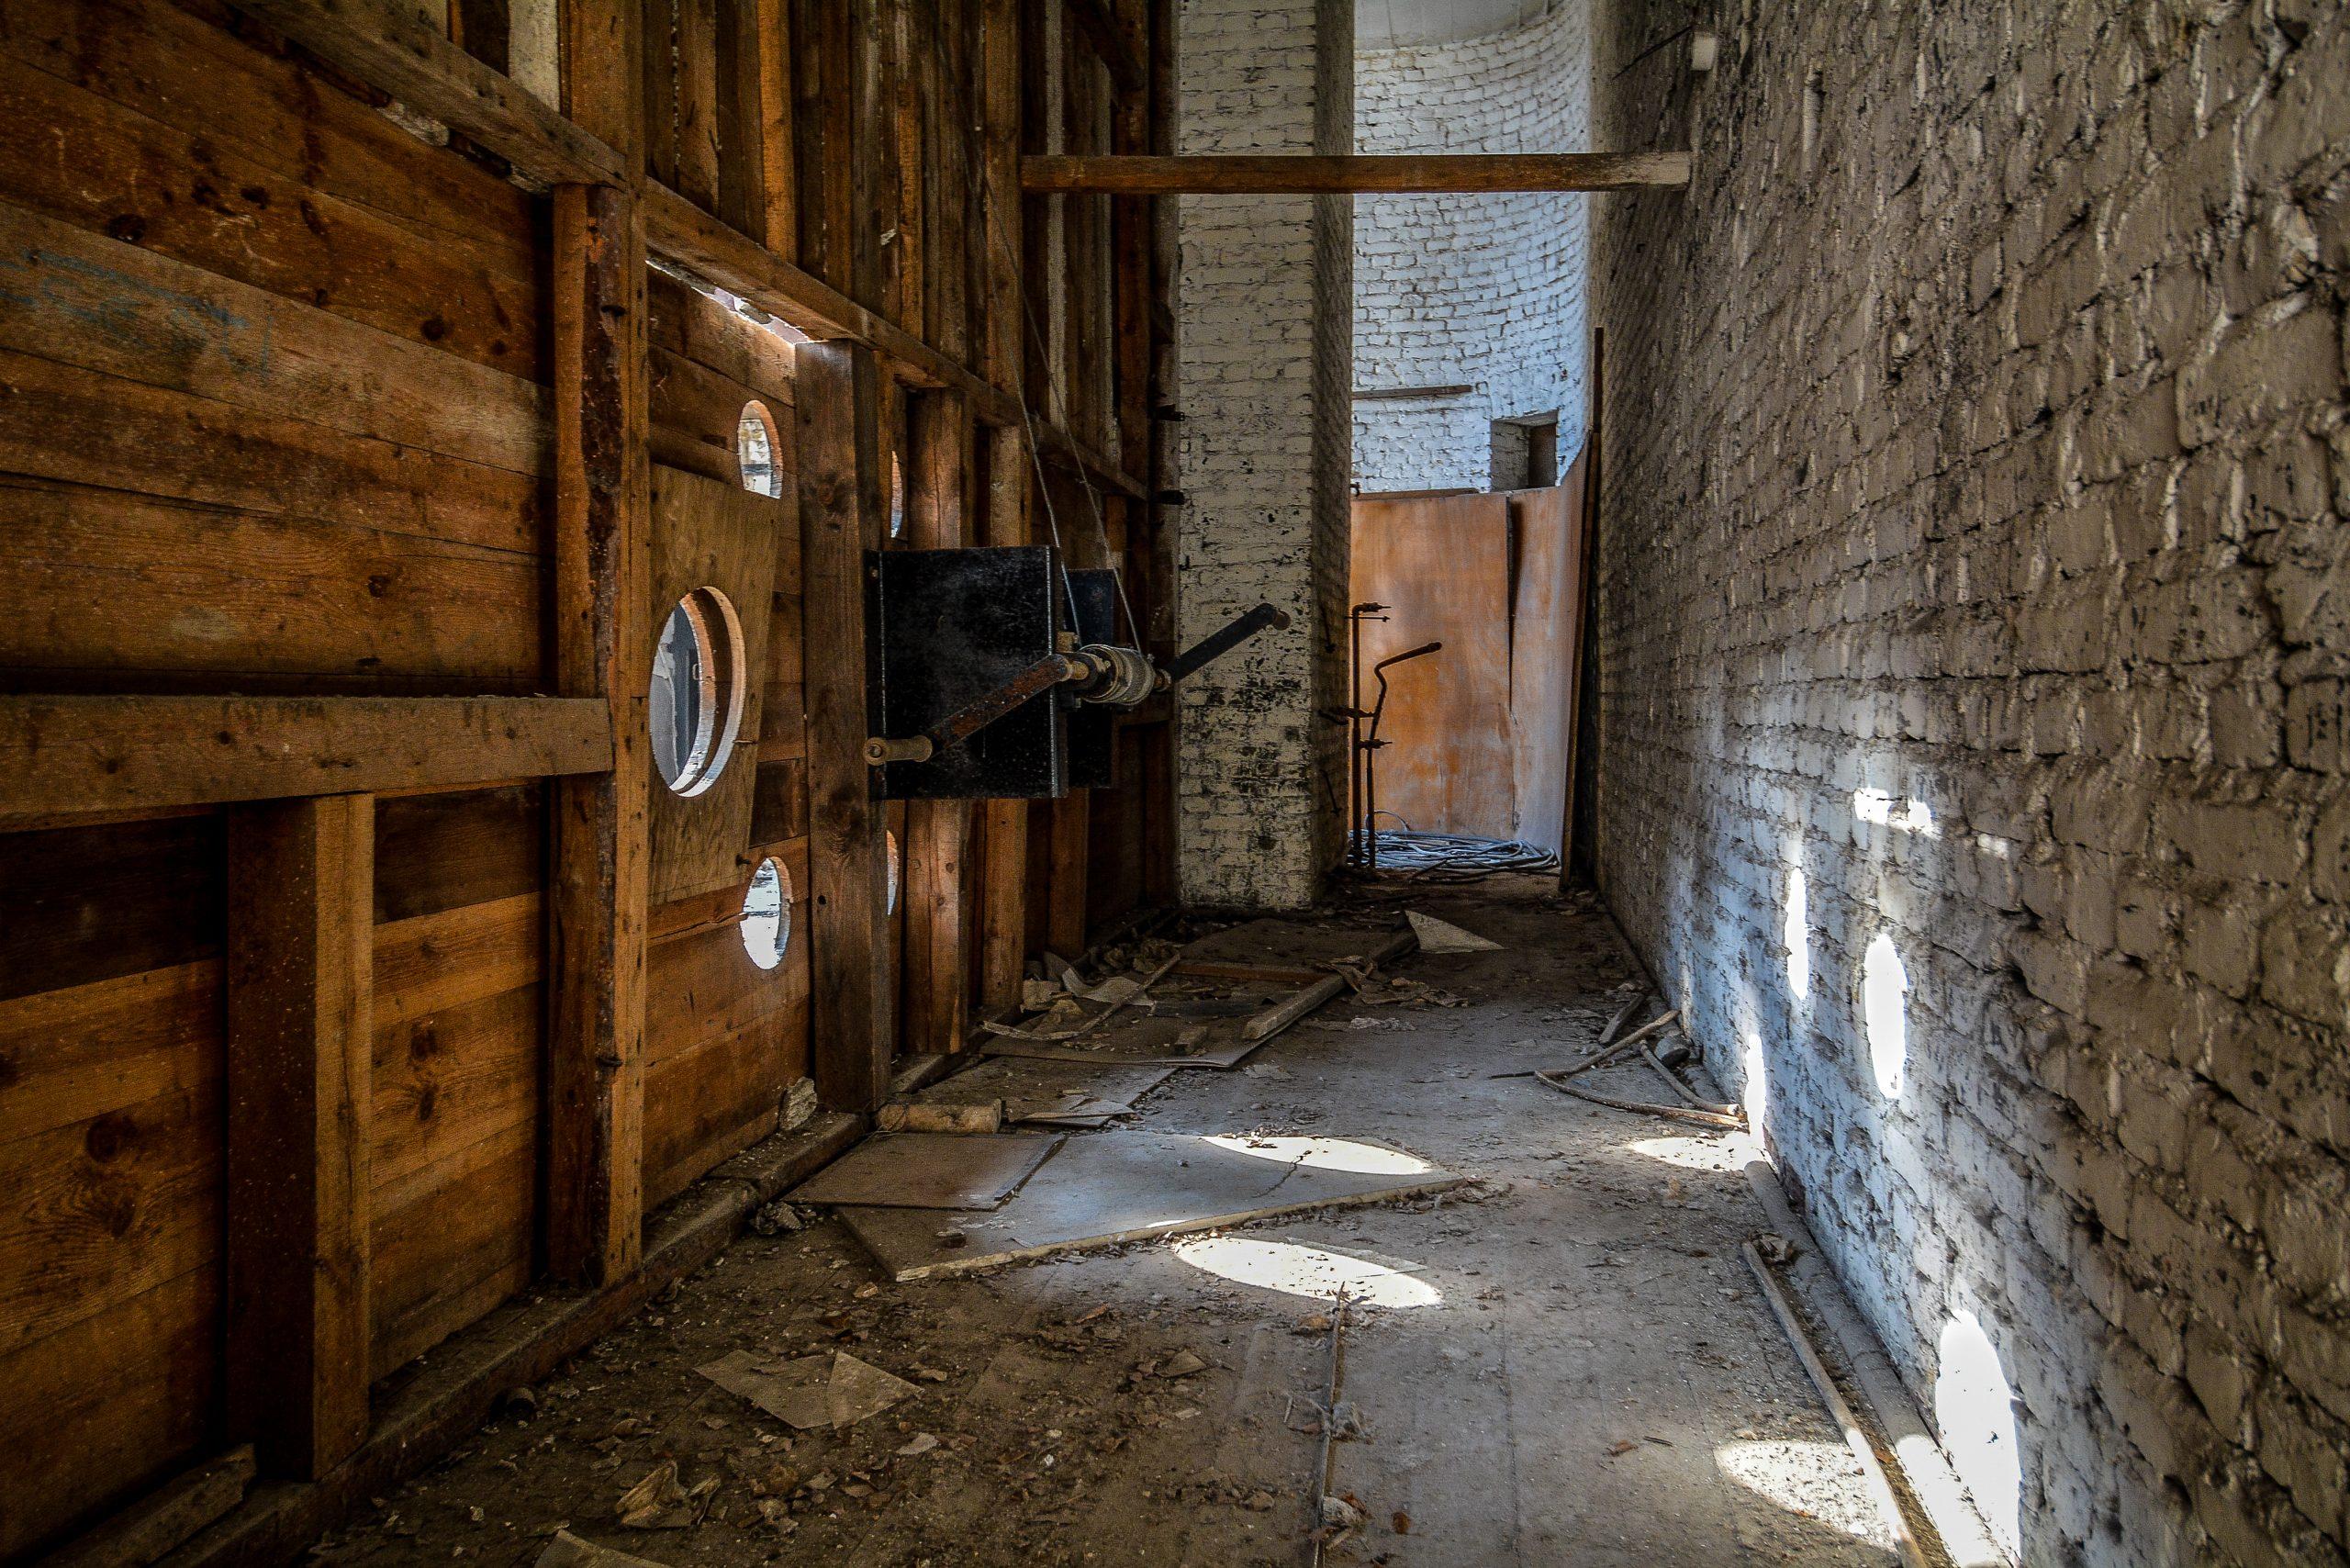 soviet theather back stage forst zinna adolf hitler lager luckenwalde juterbog sowjet kaserne soviet military barracks germany lost places urbex abandoned